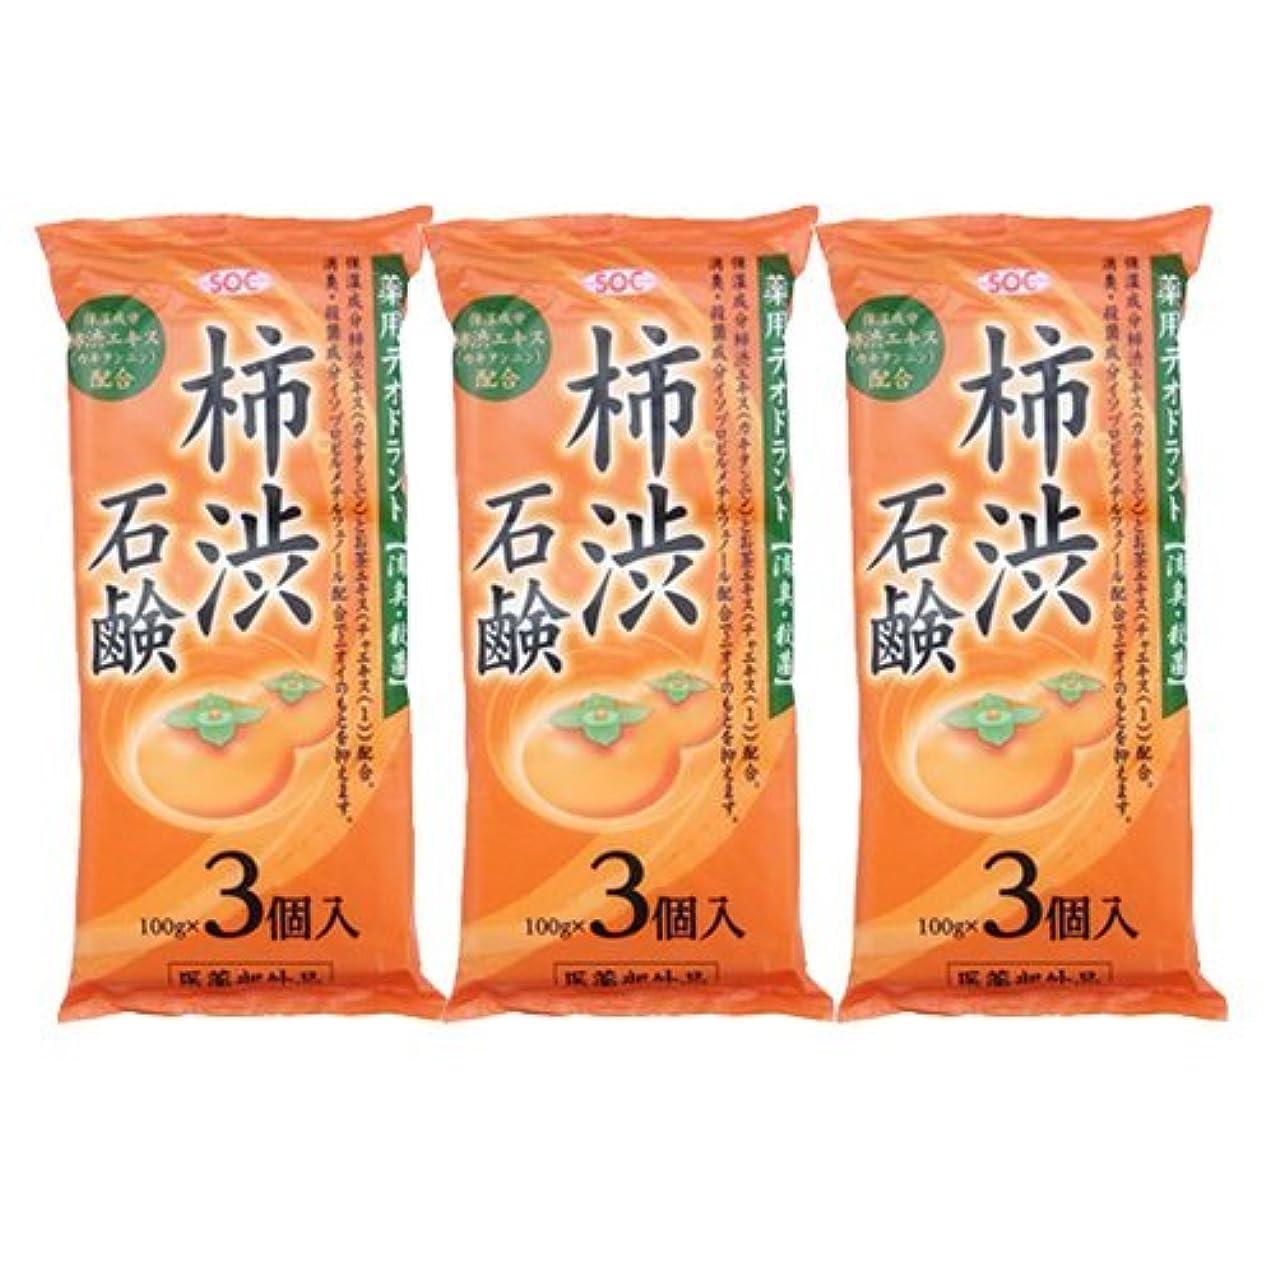 印象的な未接続困惑した渋谷油脂 SOC 薬用柿渋石鹸 3P ×3袋セット (100g×9個)